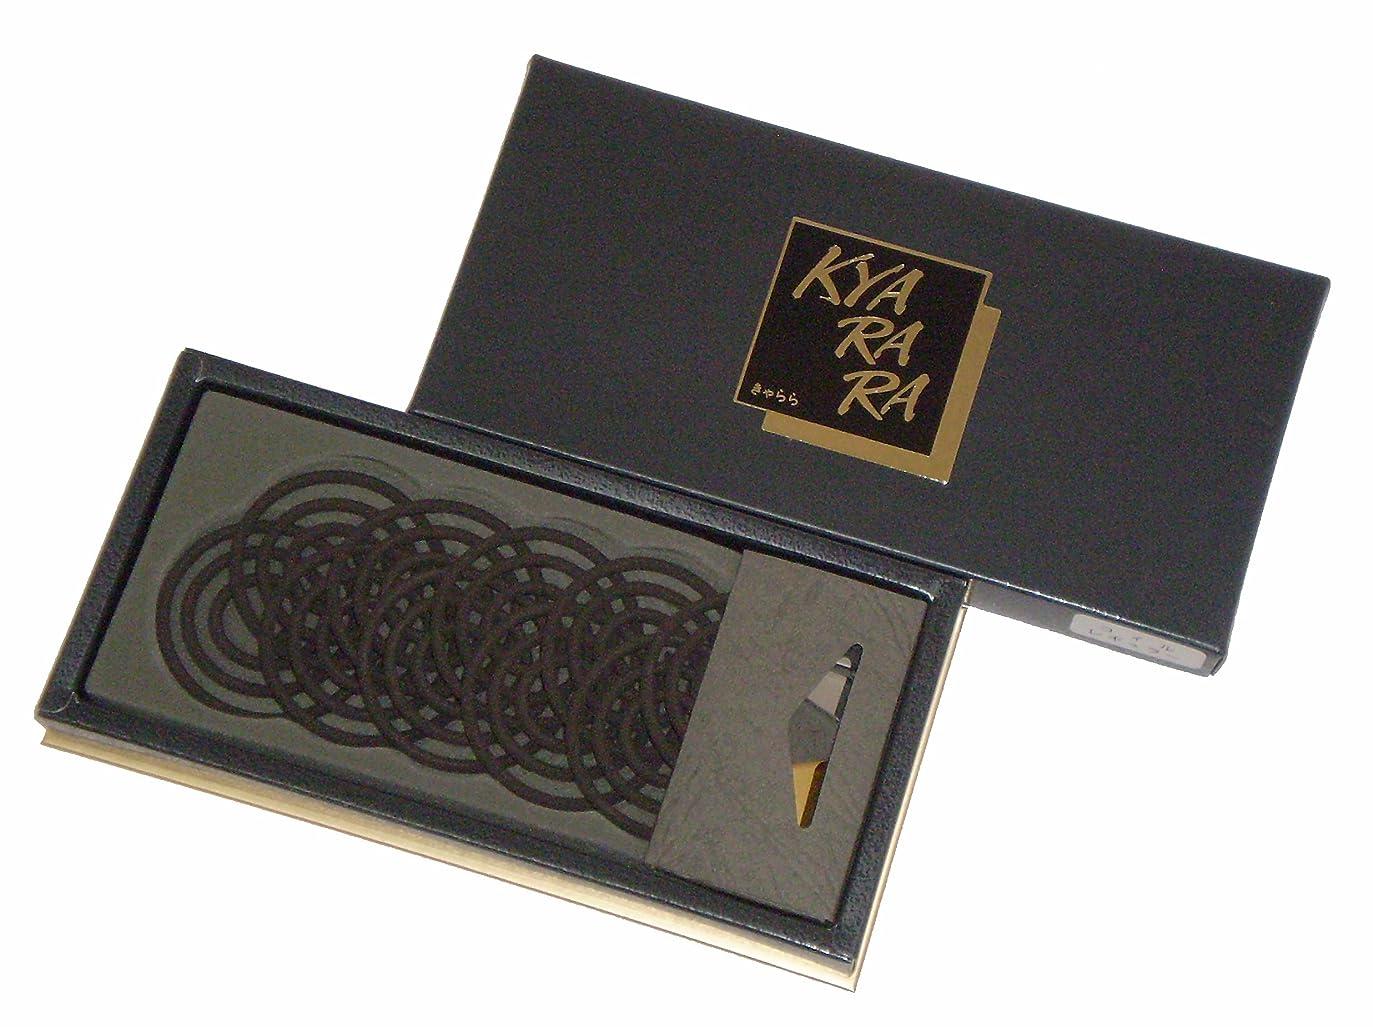 配置気楽なヘビー玉初堂のお香 キャララ コイルレギュラーセット #5234